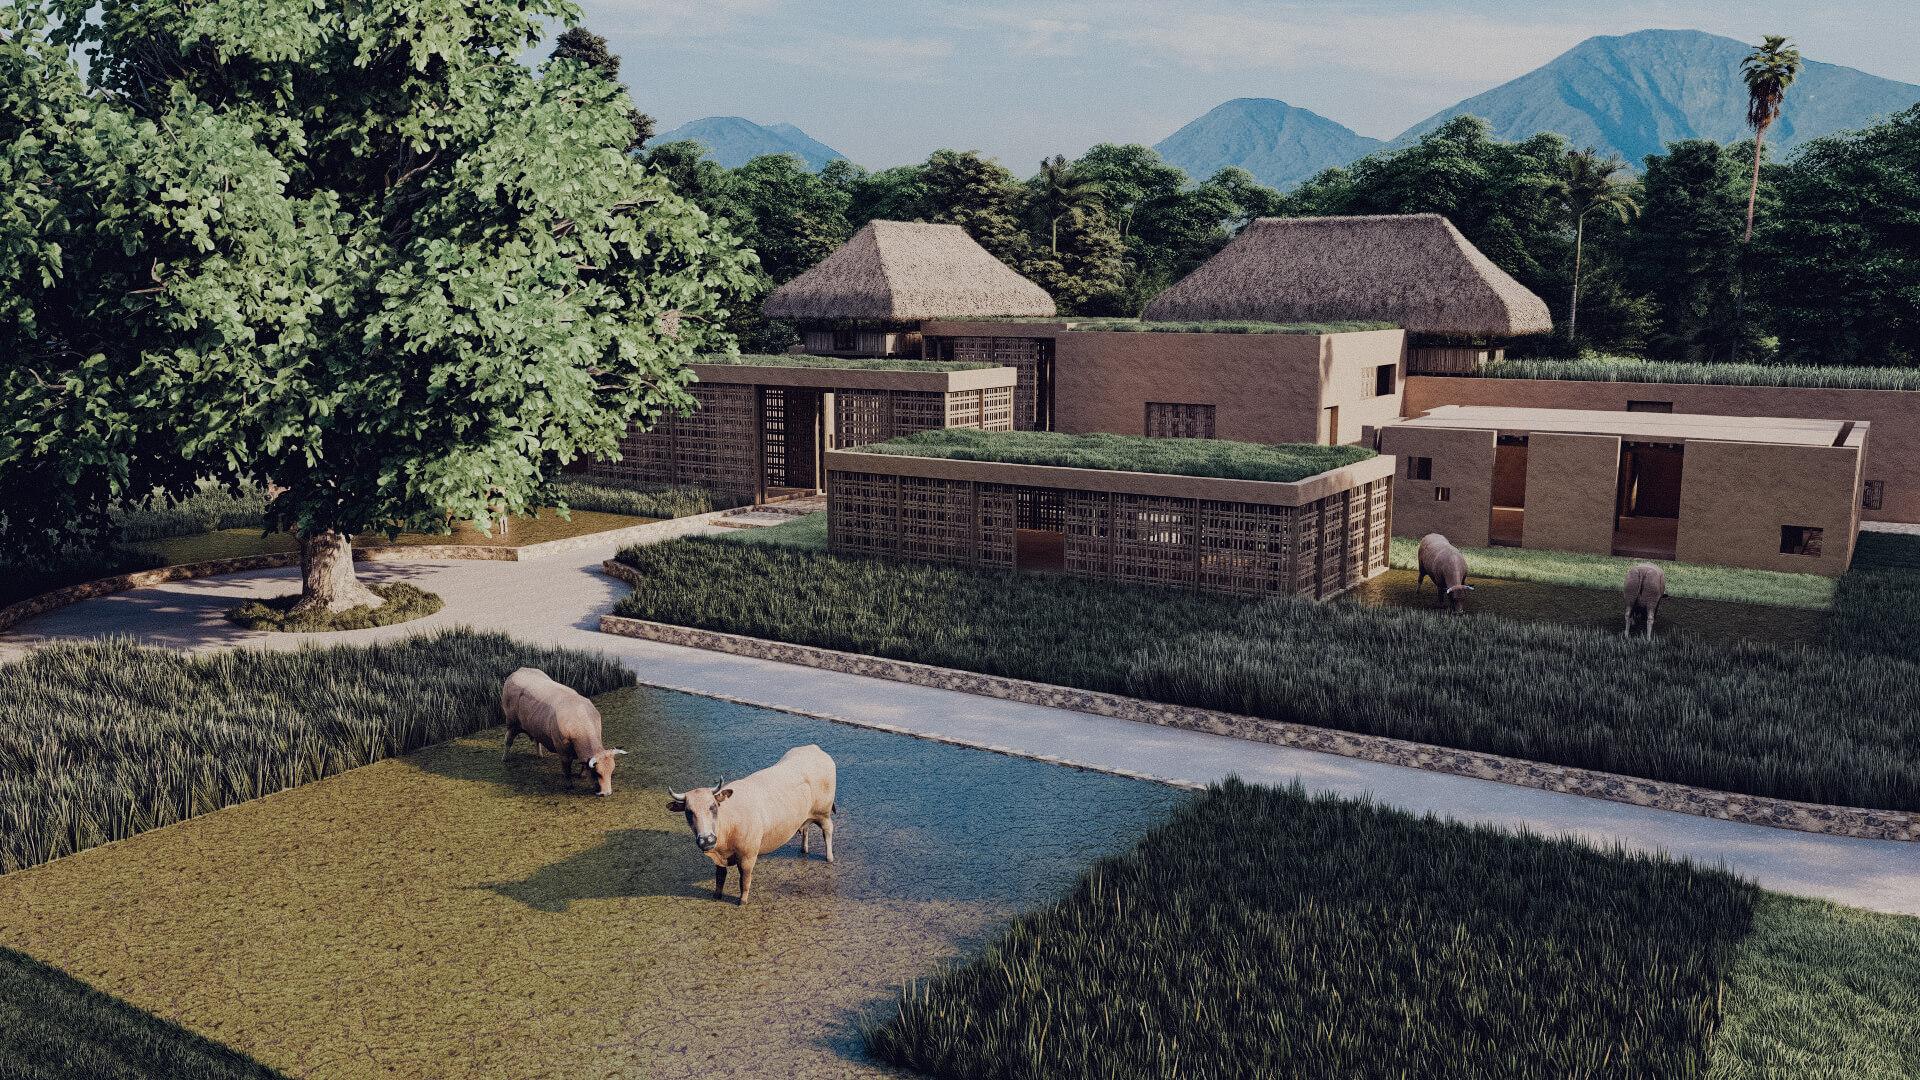 Rumah Besar Sembalun Lombok Architecture Aerial View